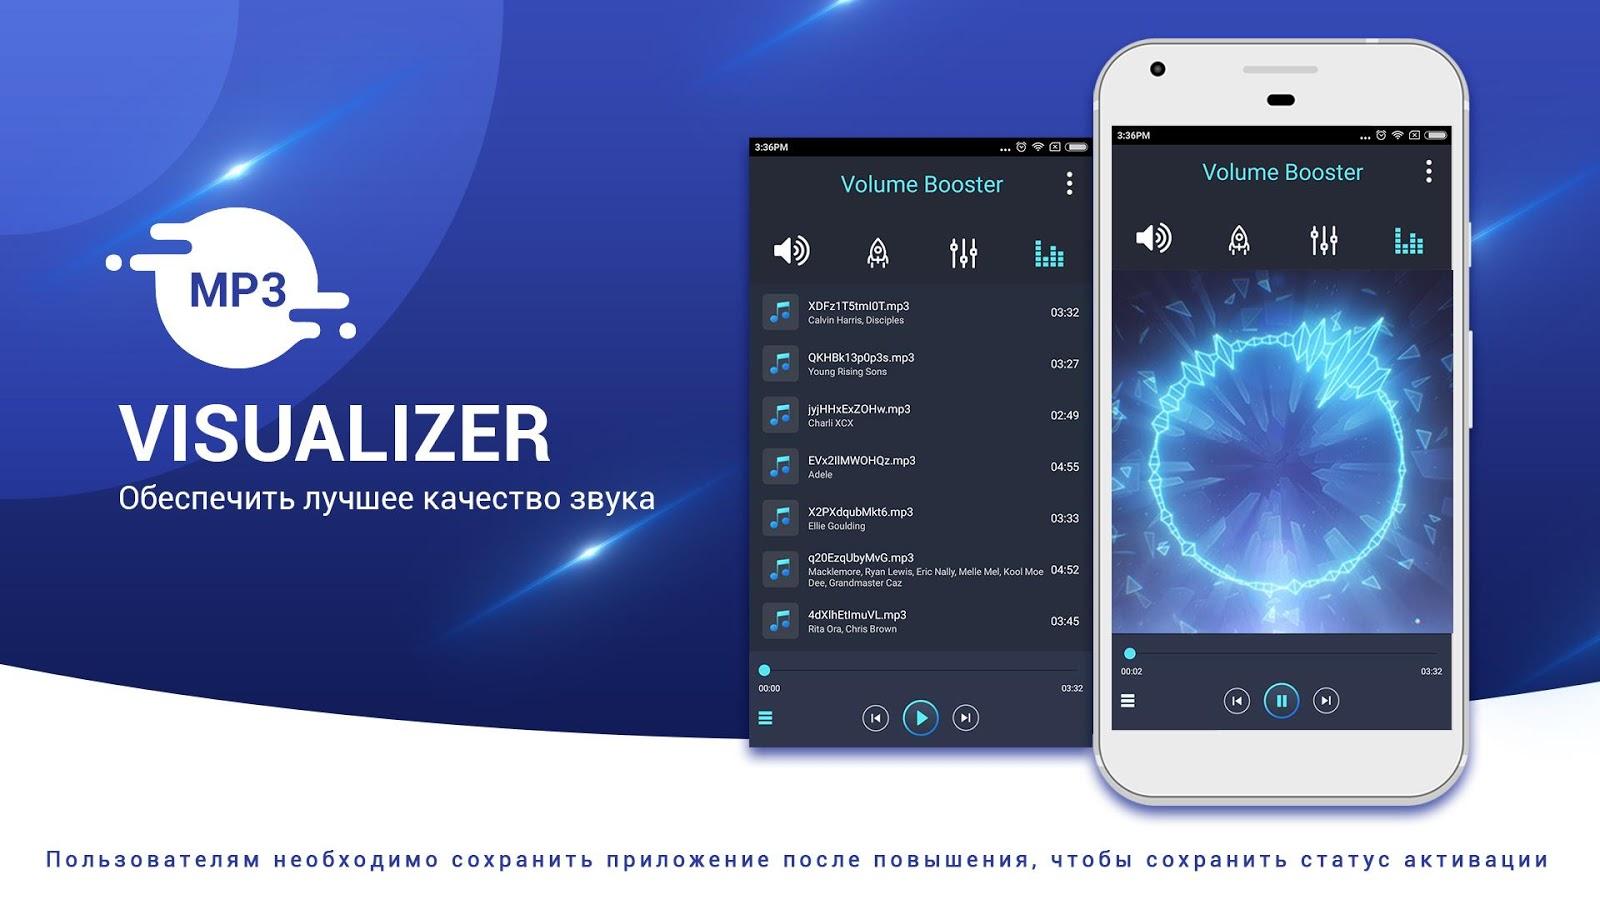 Усилитель звука для планшета андроид скачать бесплатно